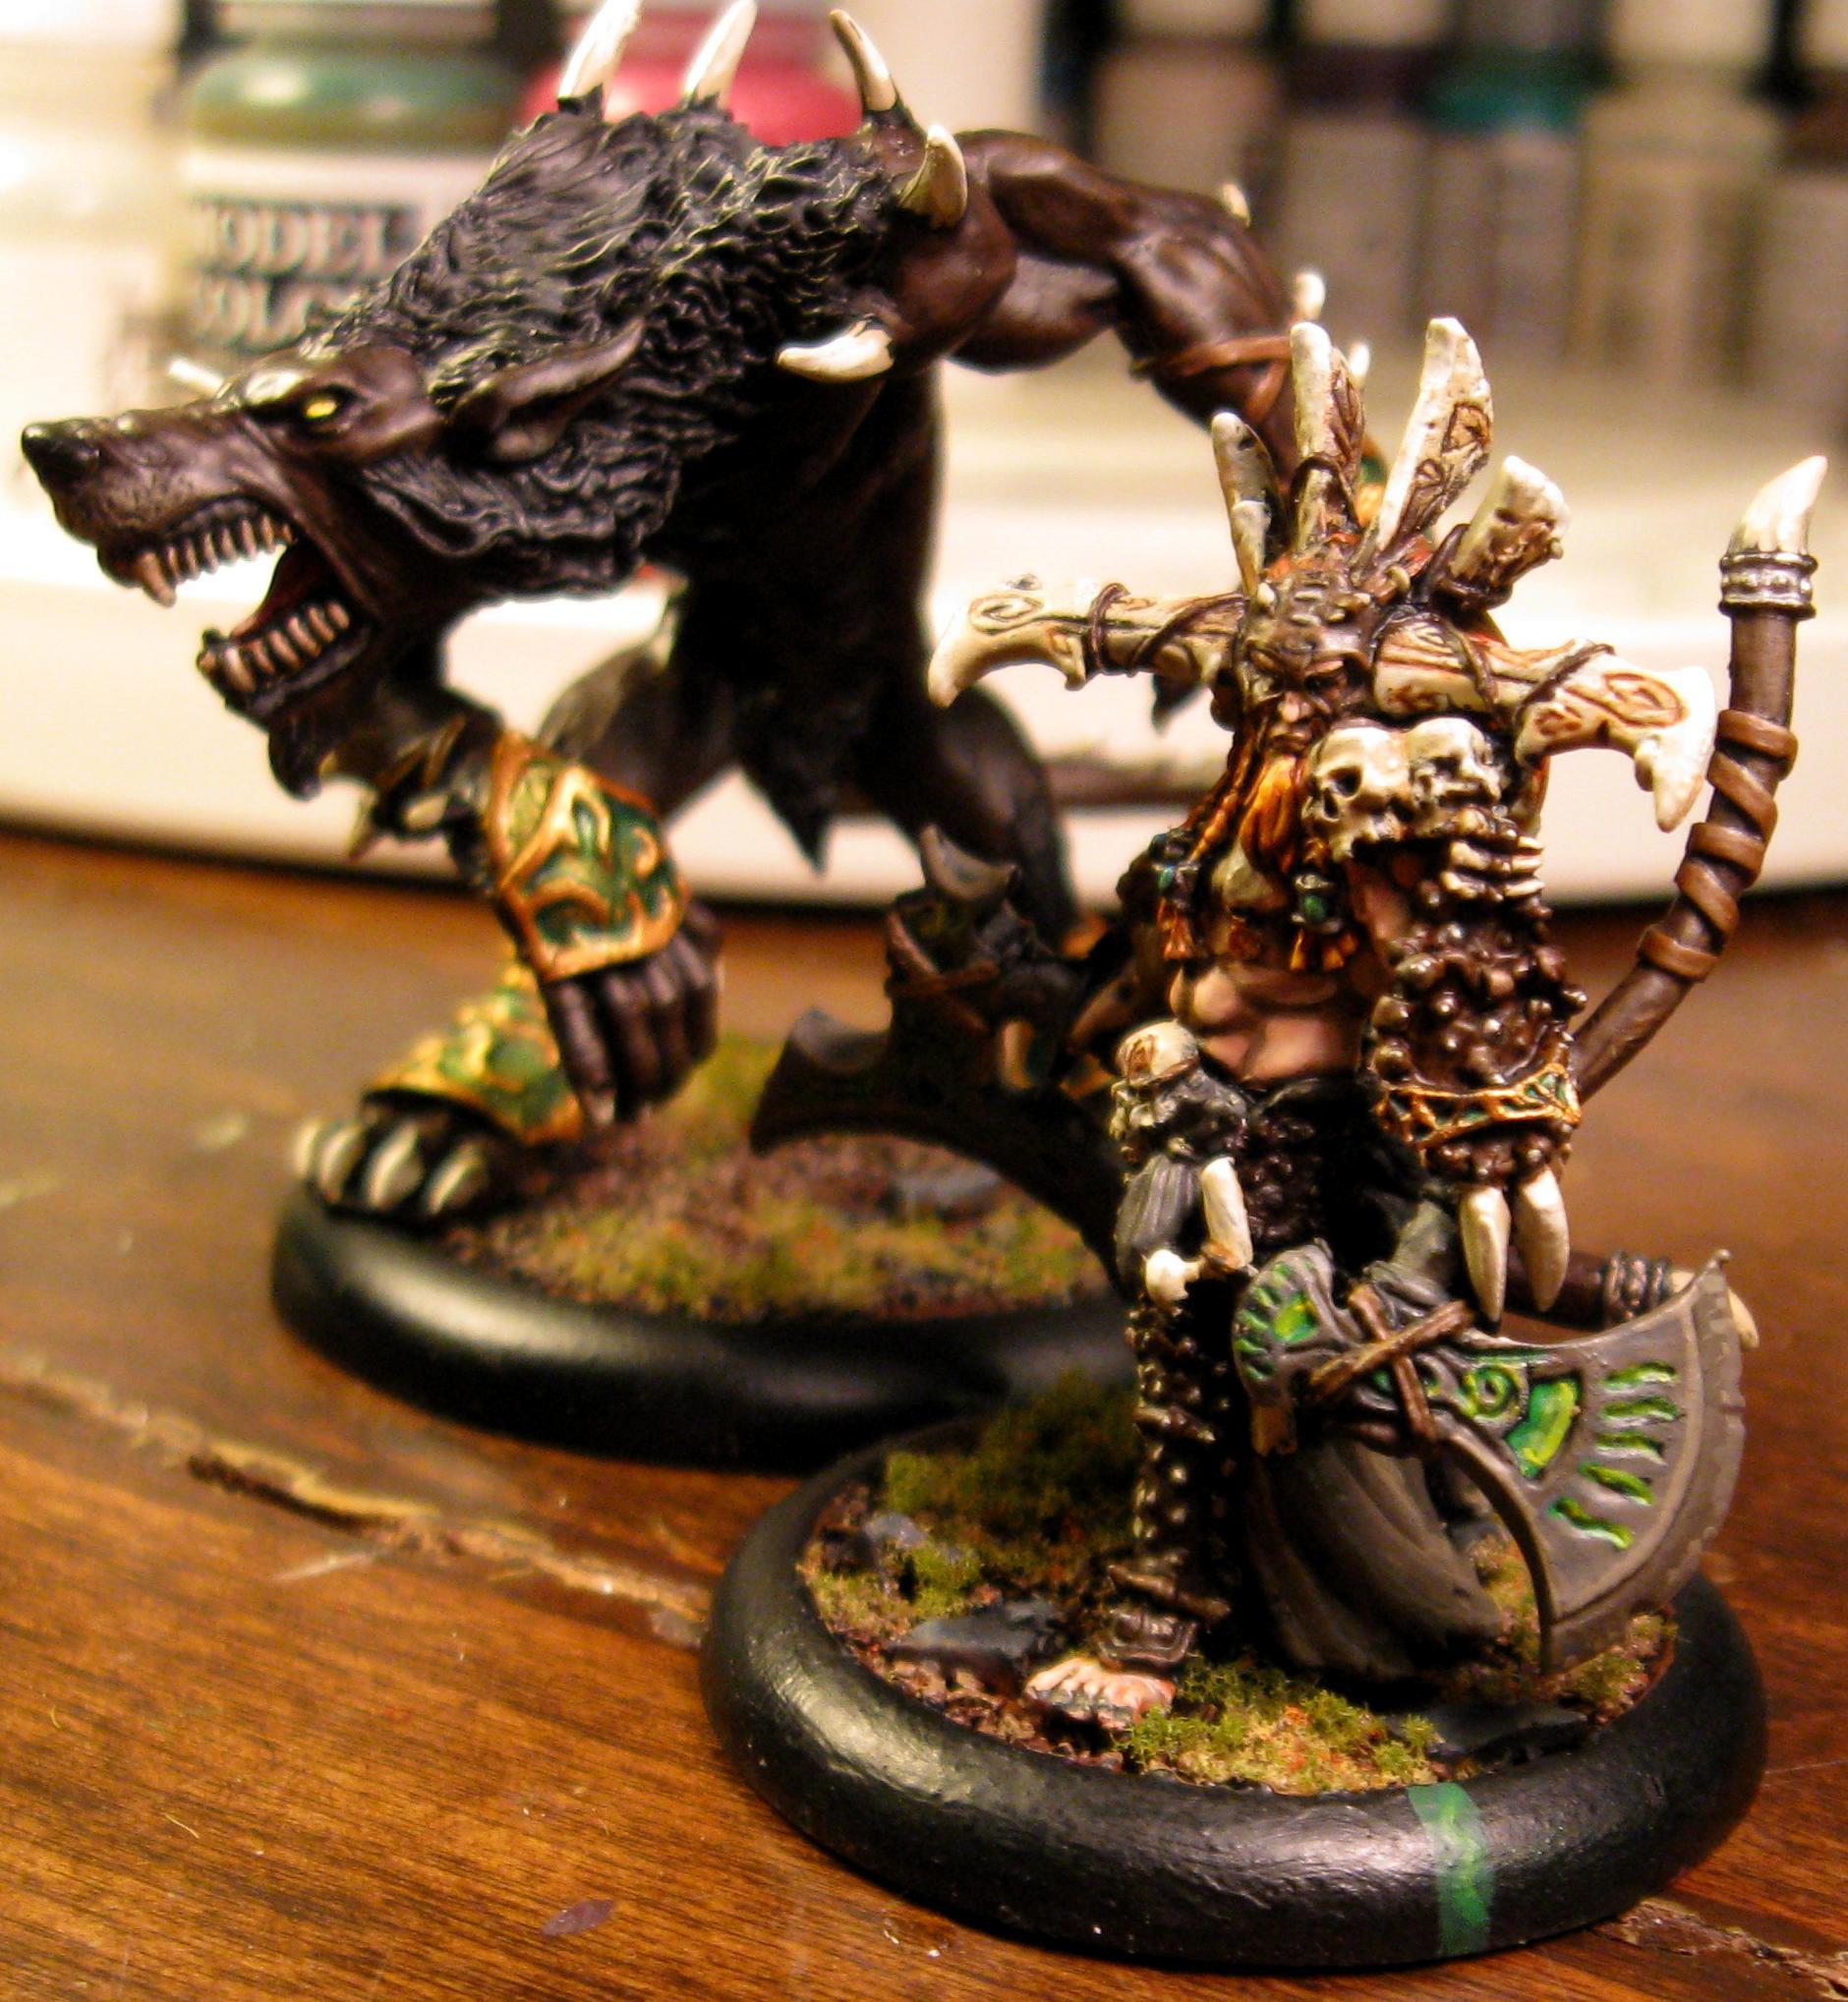 Warpwolf and Kromac